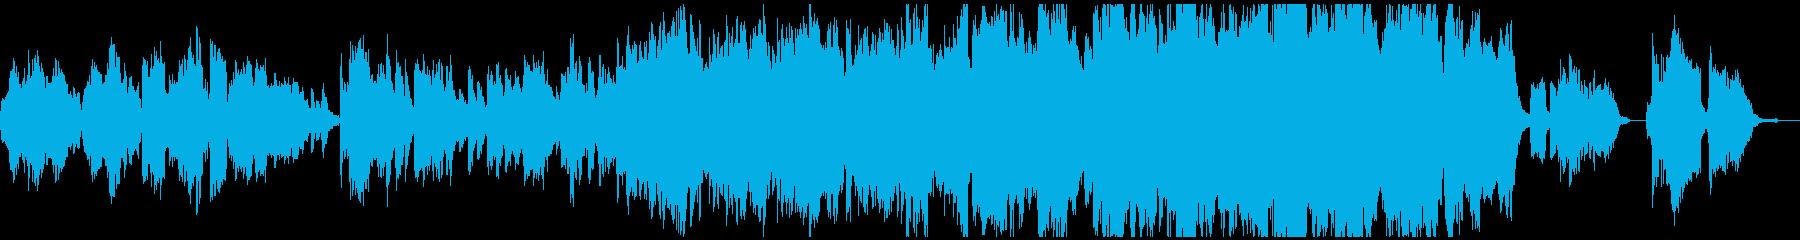 春や卒業式をイメージしたBGMの再生済みの波形